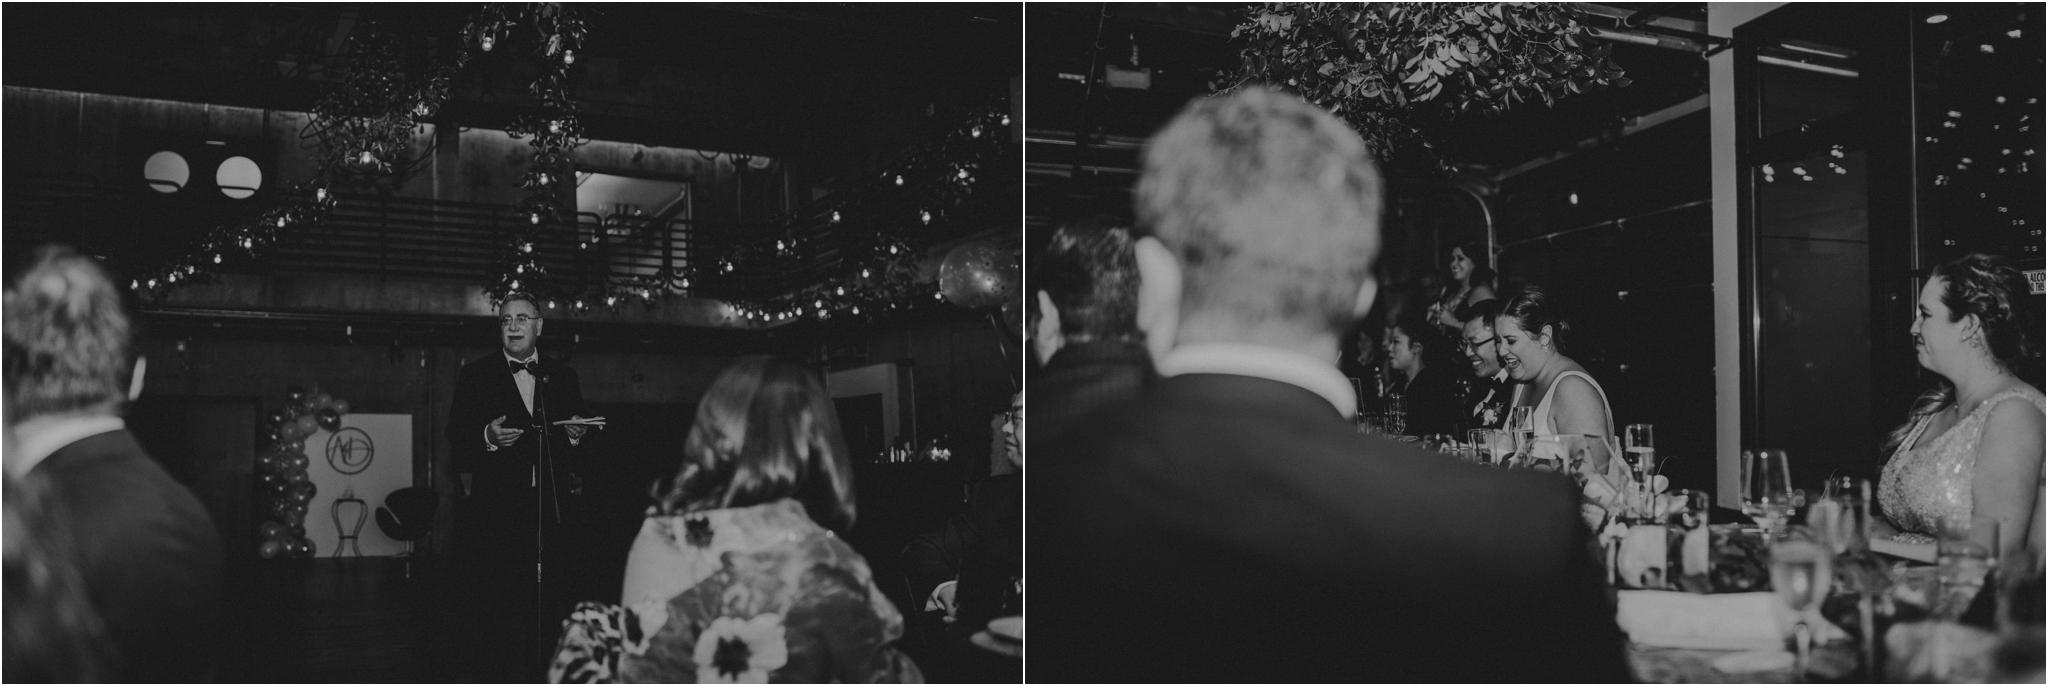 ashley-and-david-fremont-foundry-seattle-washington-wedding-photographer-116.jpg